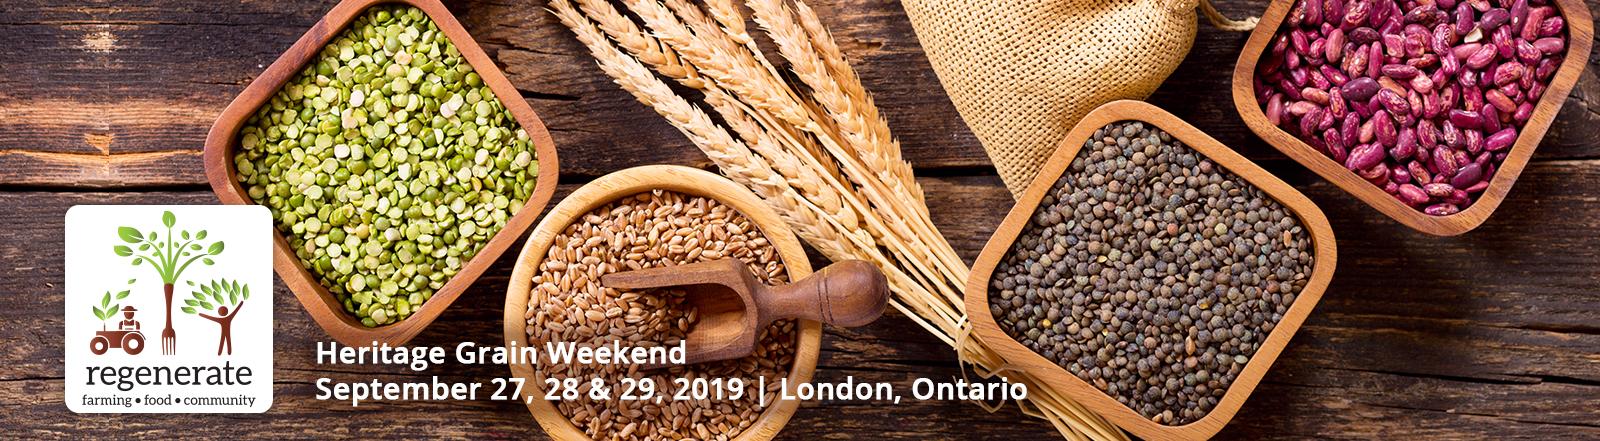 Regenerate Heritage Grain Weekend 2019